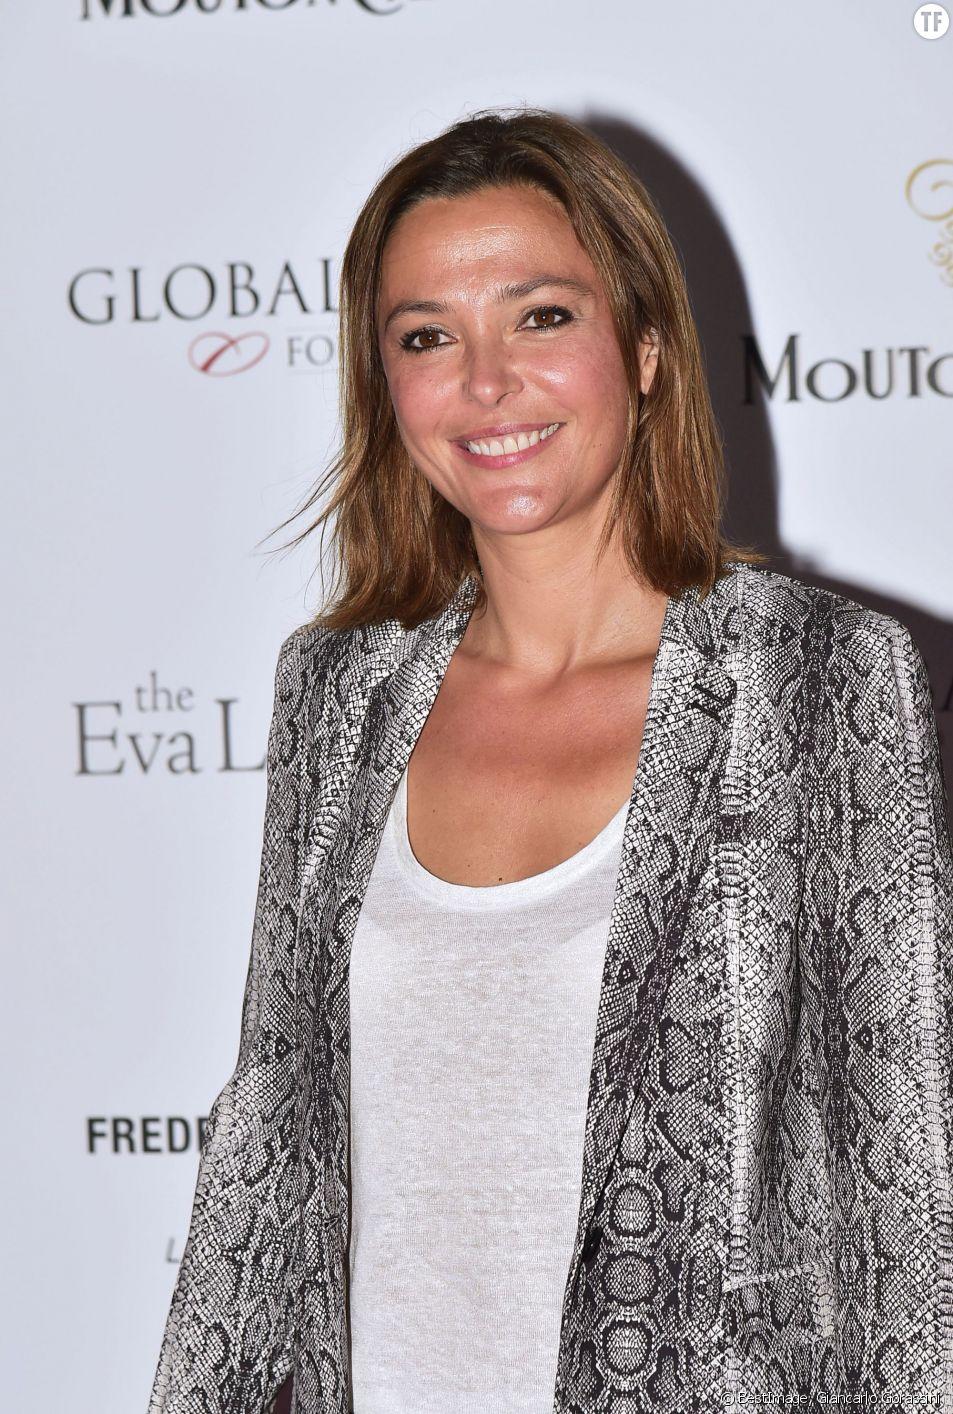 Sandrine Quétier lors du 68ème festival international du film de Cannes en mai 2015